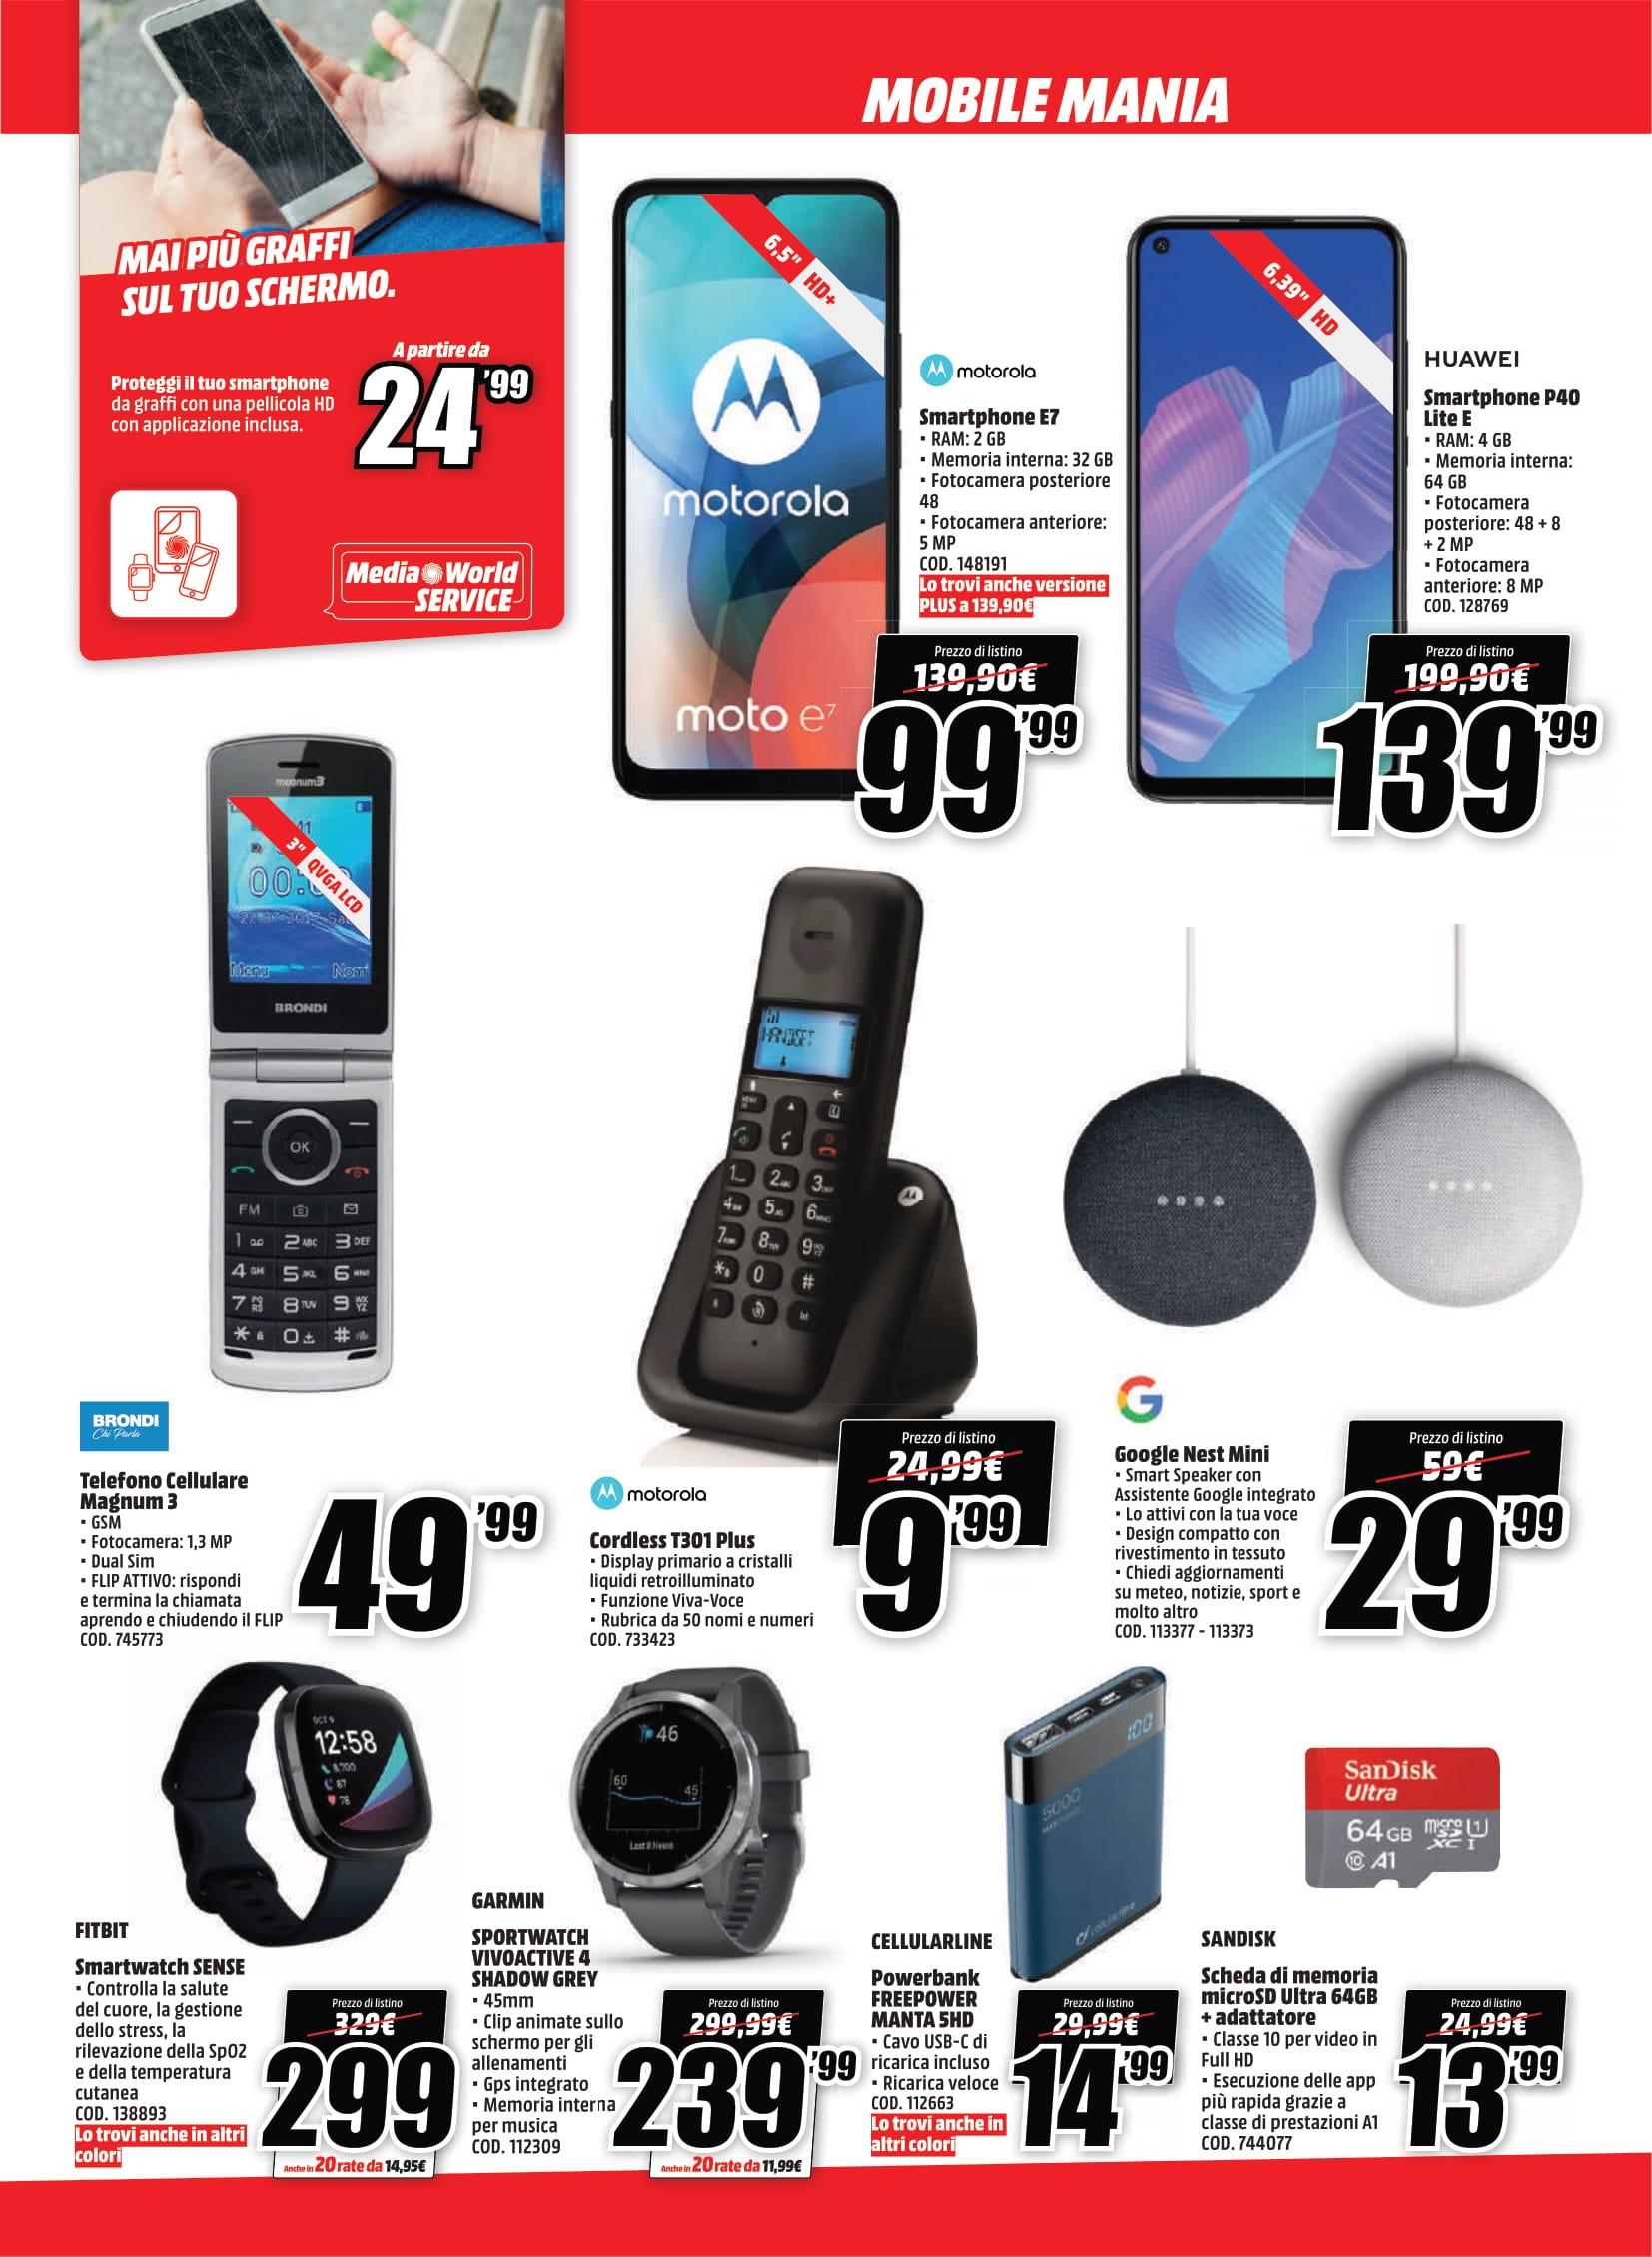 offerte mediaworld mobile mania